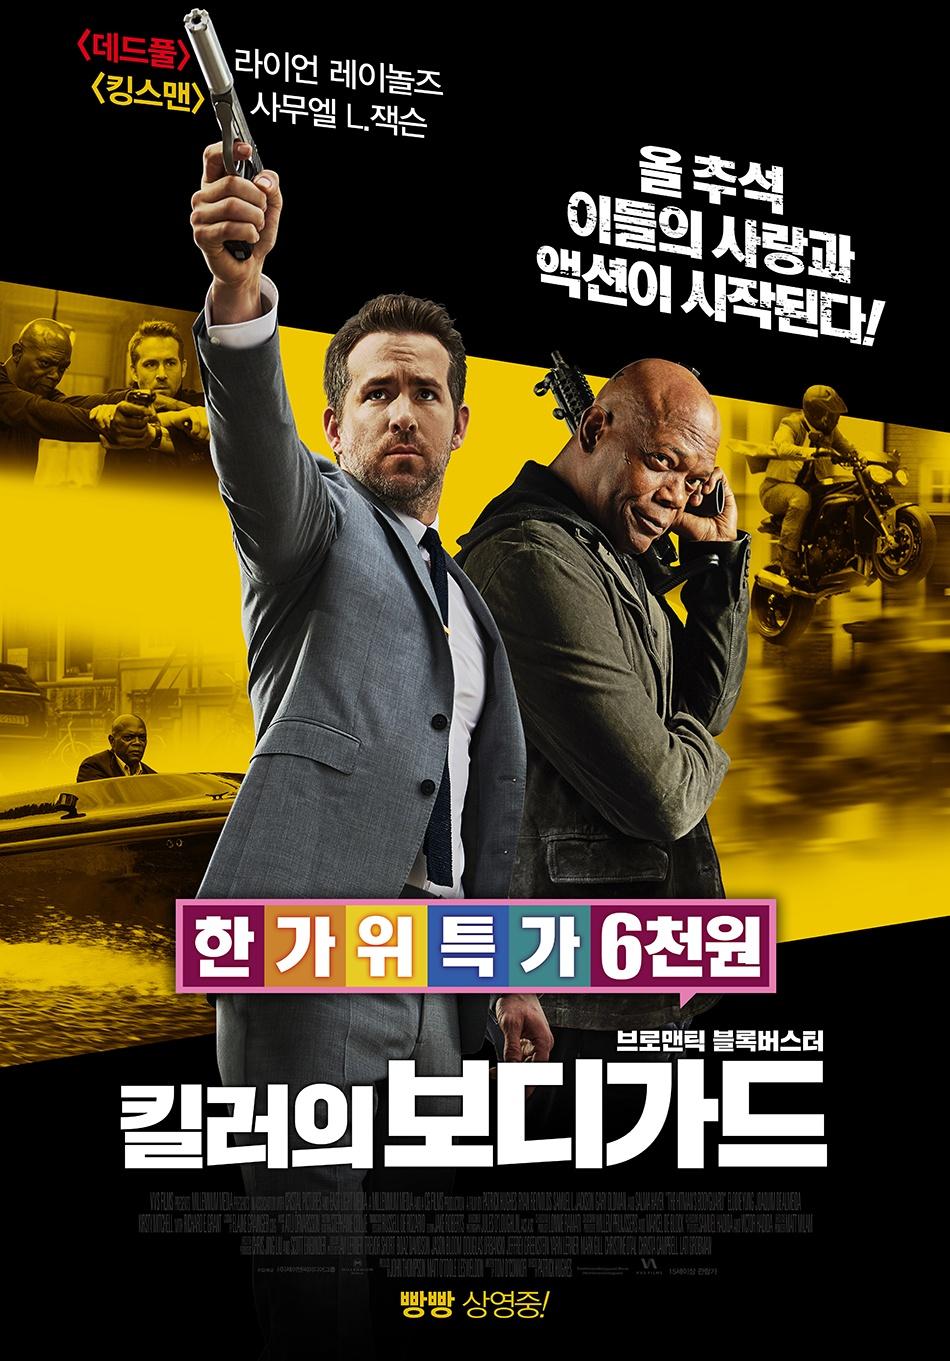 Hitman and Bodyguard